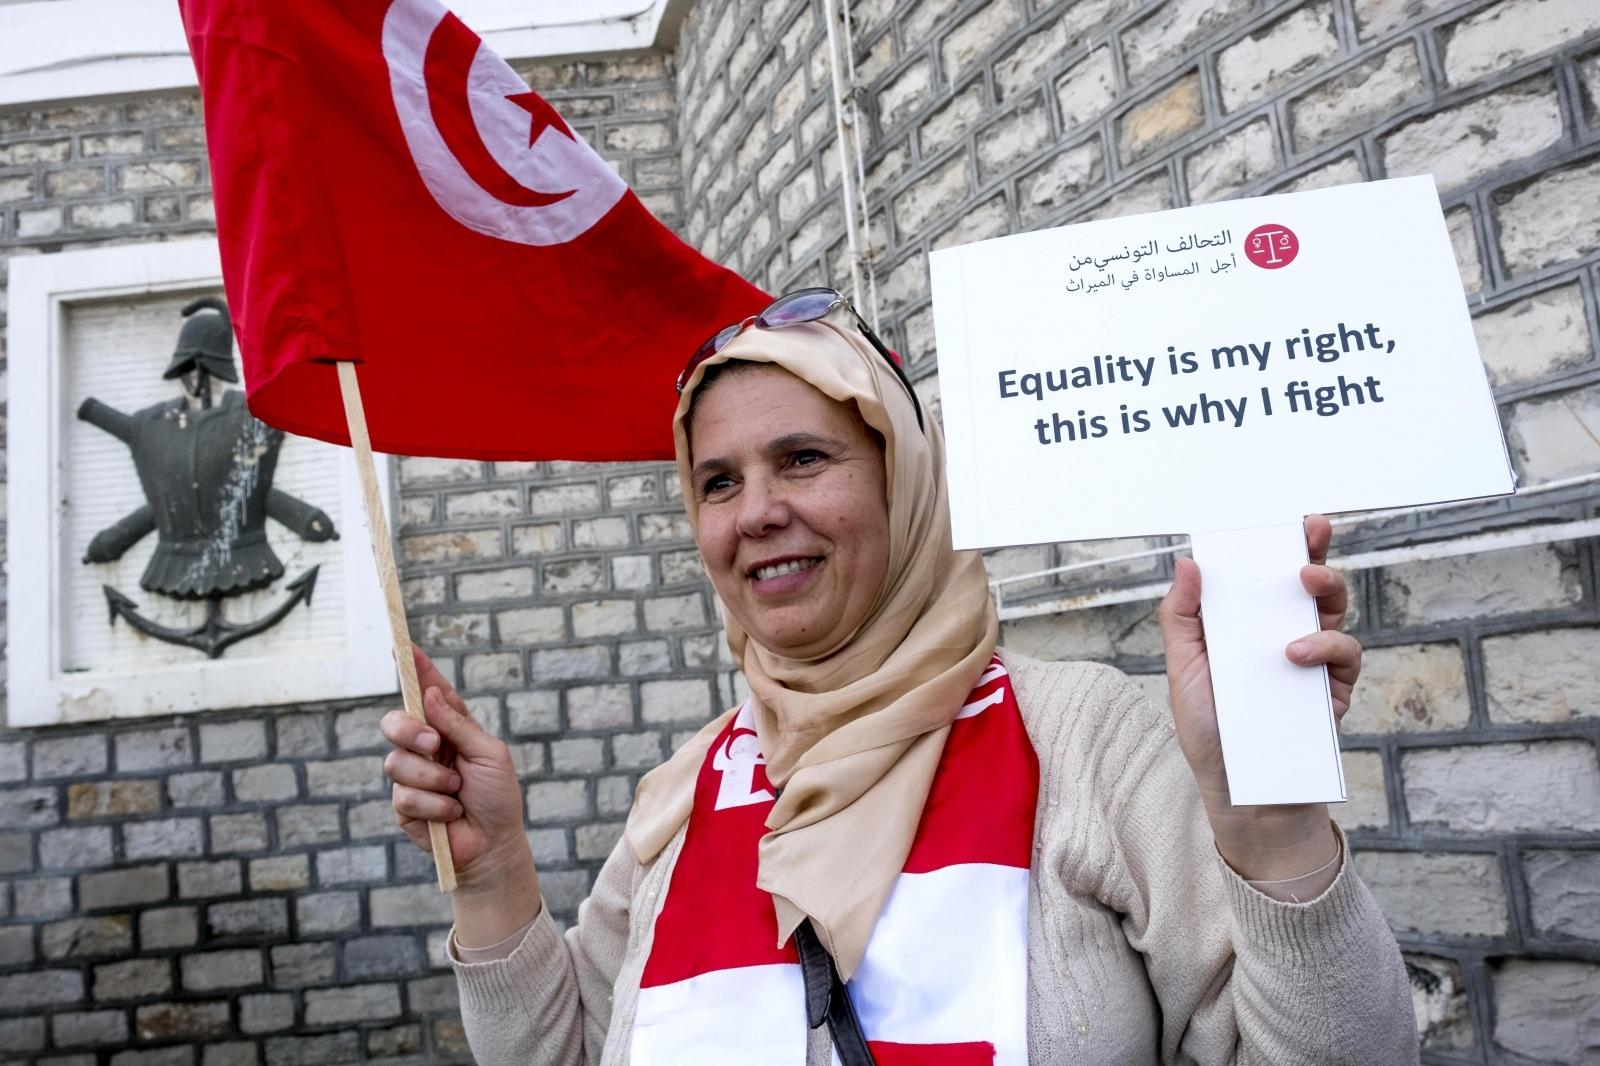 Boj za pravice žensk - Turčija Vir:Pixsell